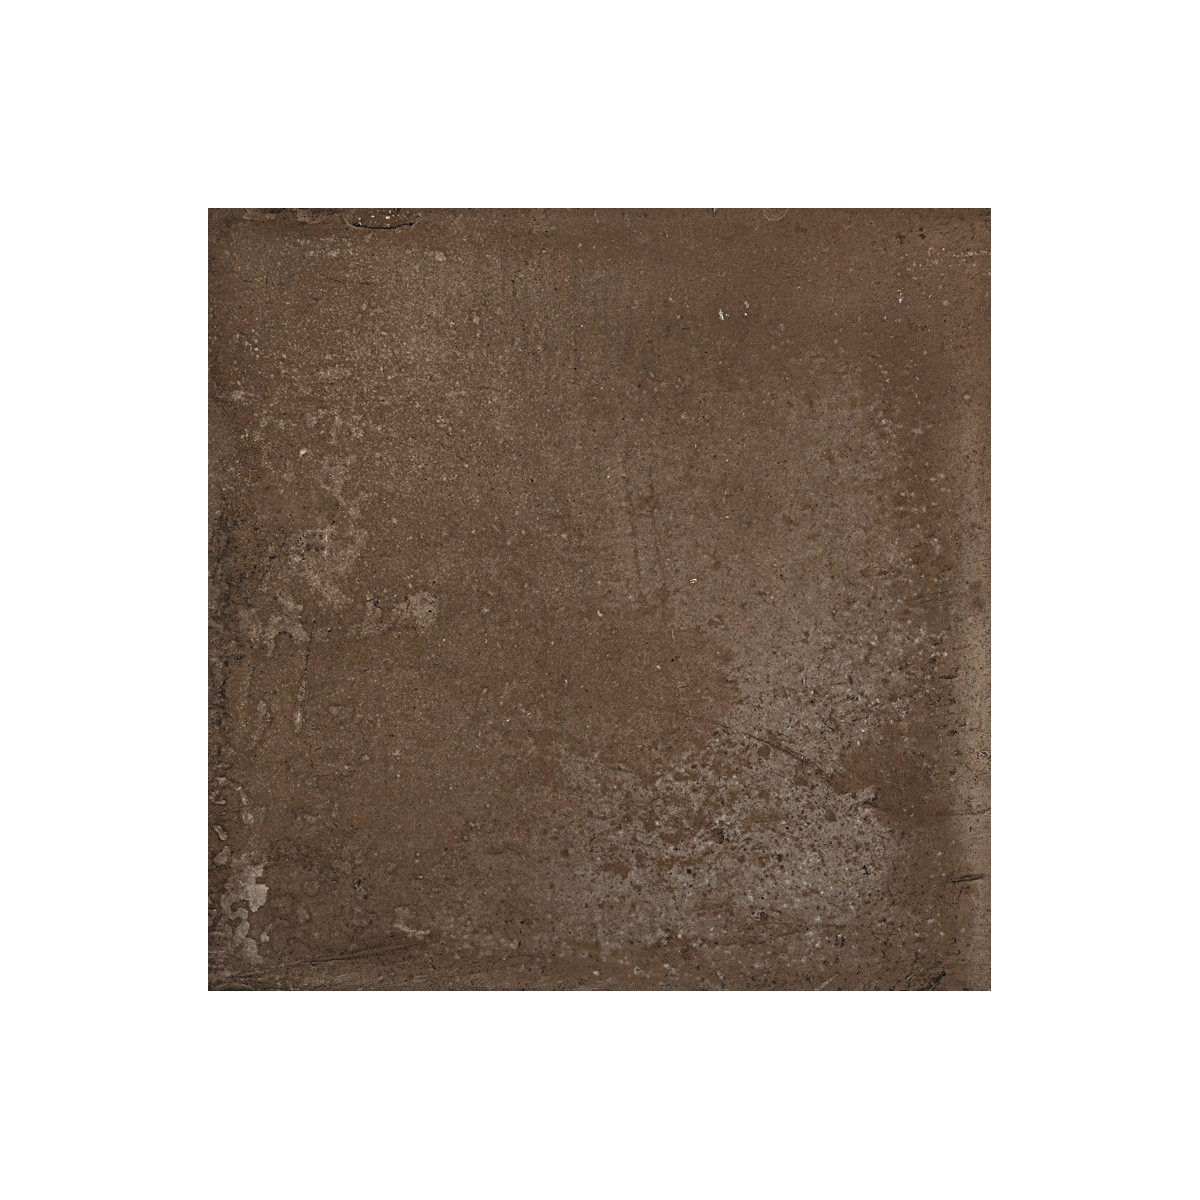 Rustic Moka - Colección Rustic de Gaya Fores - Marca Gaya Fores S.L.